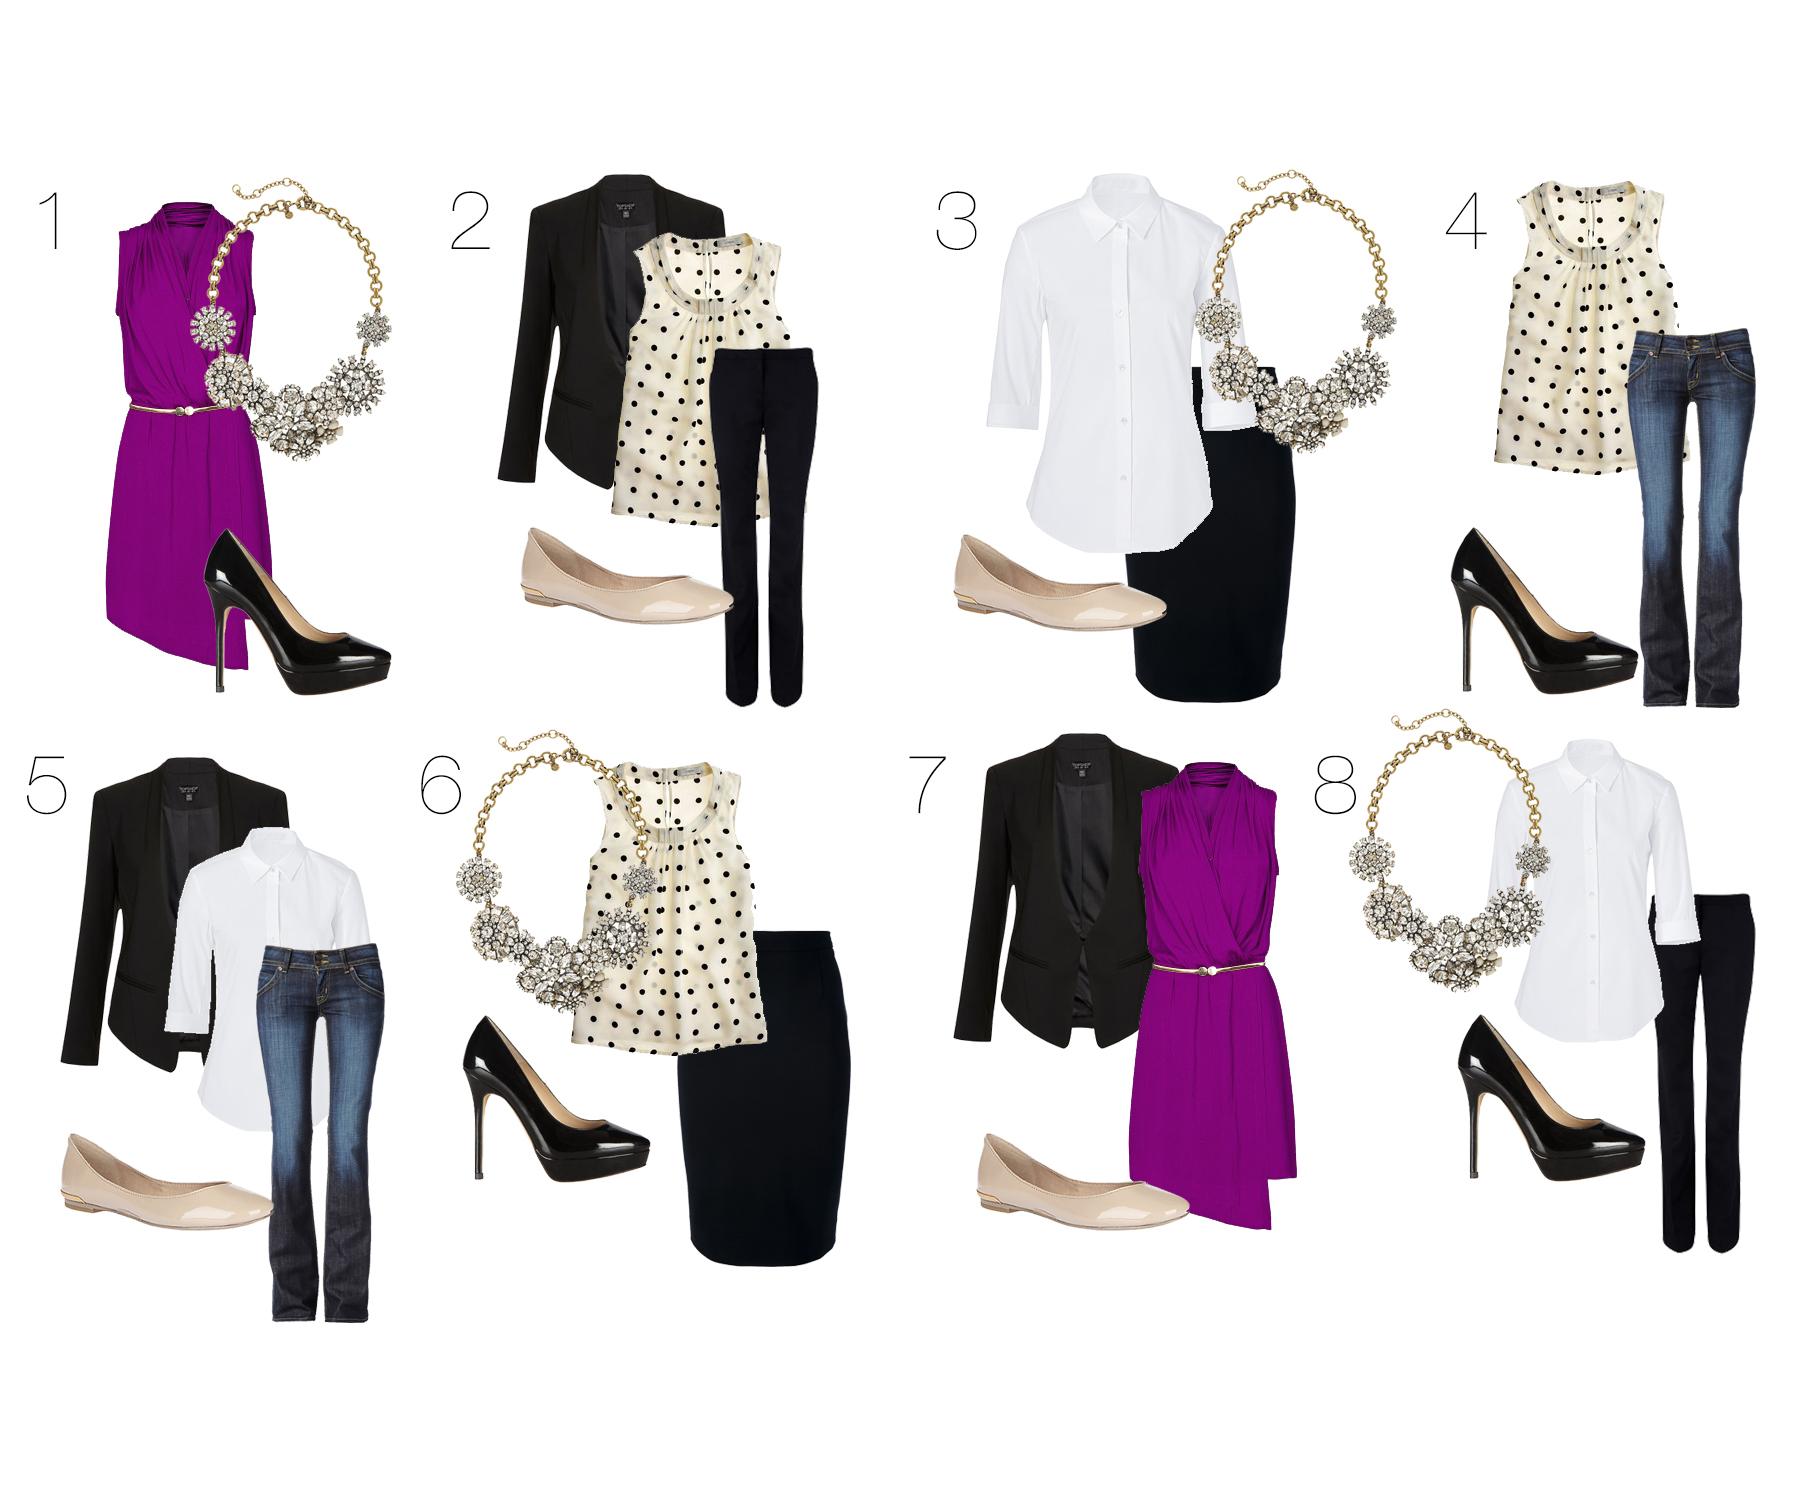 Wardrobe Essentials Part I